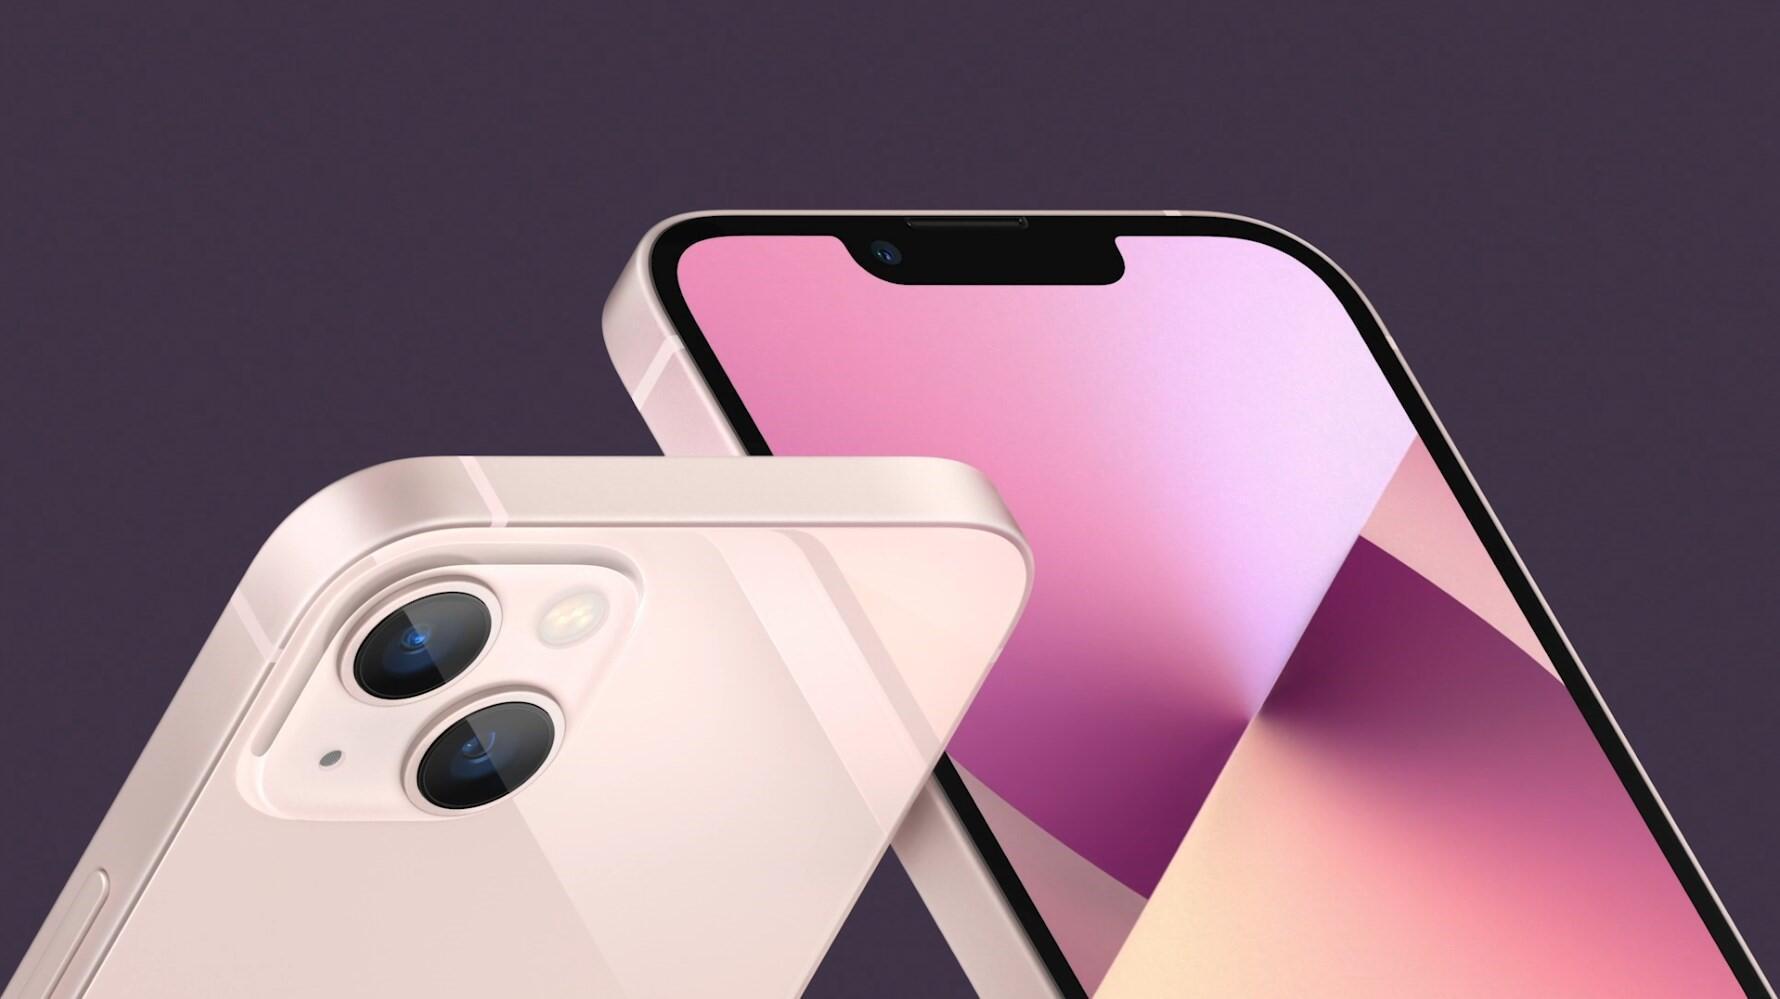 iphone 13 Amerika fiyatı ne kadar? | iphone 13 fiyat listesi Türkiye